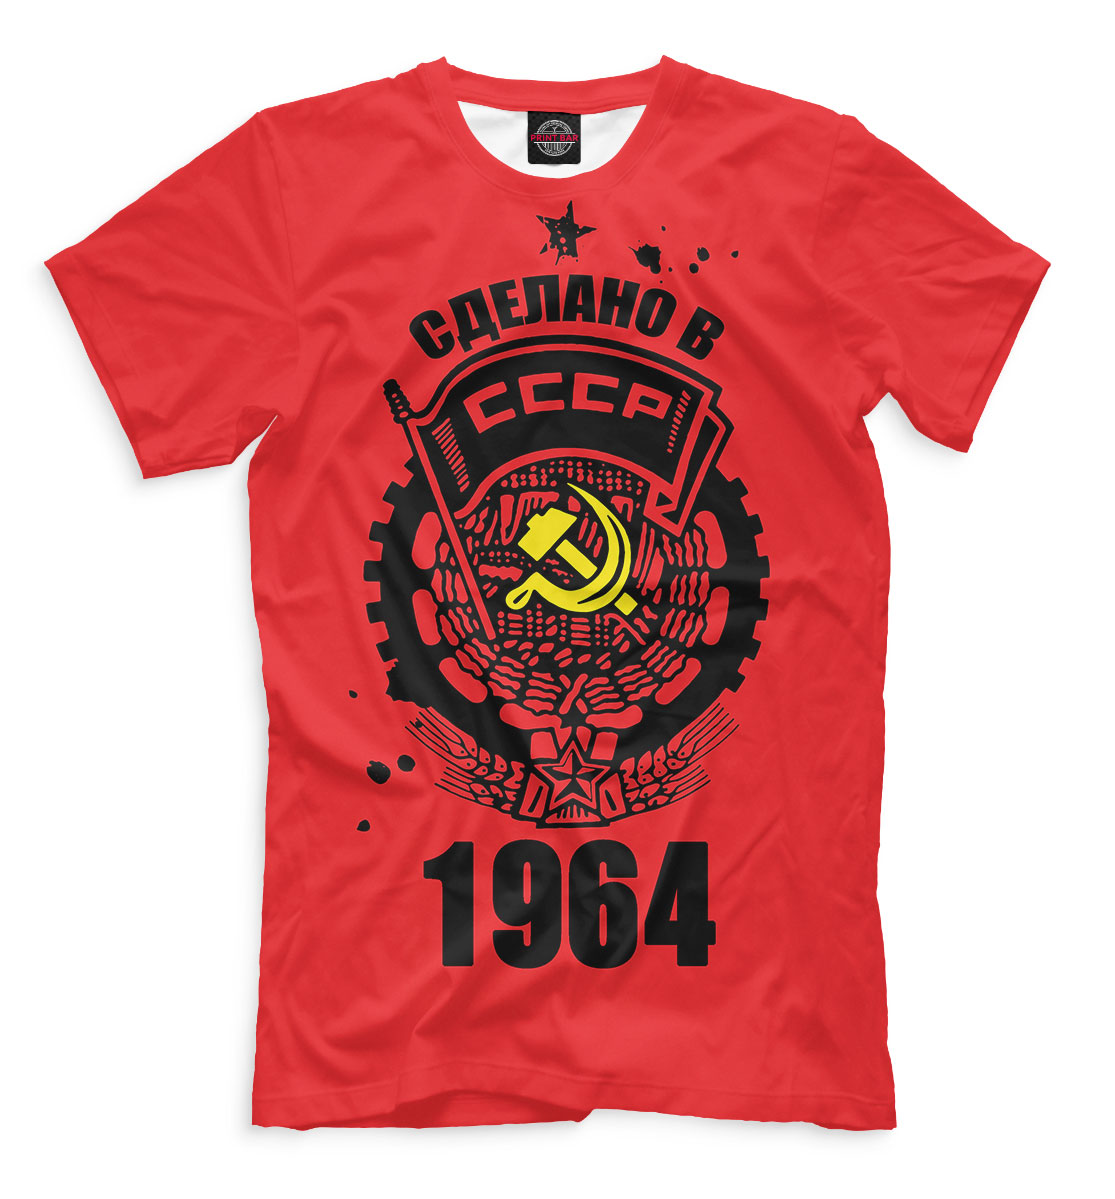 Купить Сделано в СССР — 1964, Printbar, Футболки, DHC-284543-fut-2